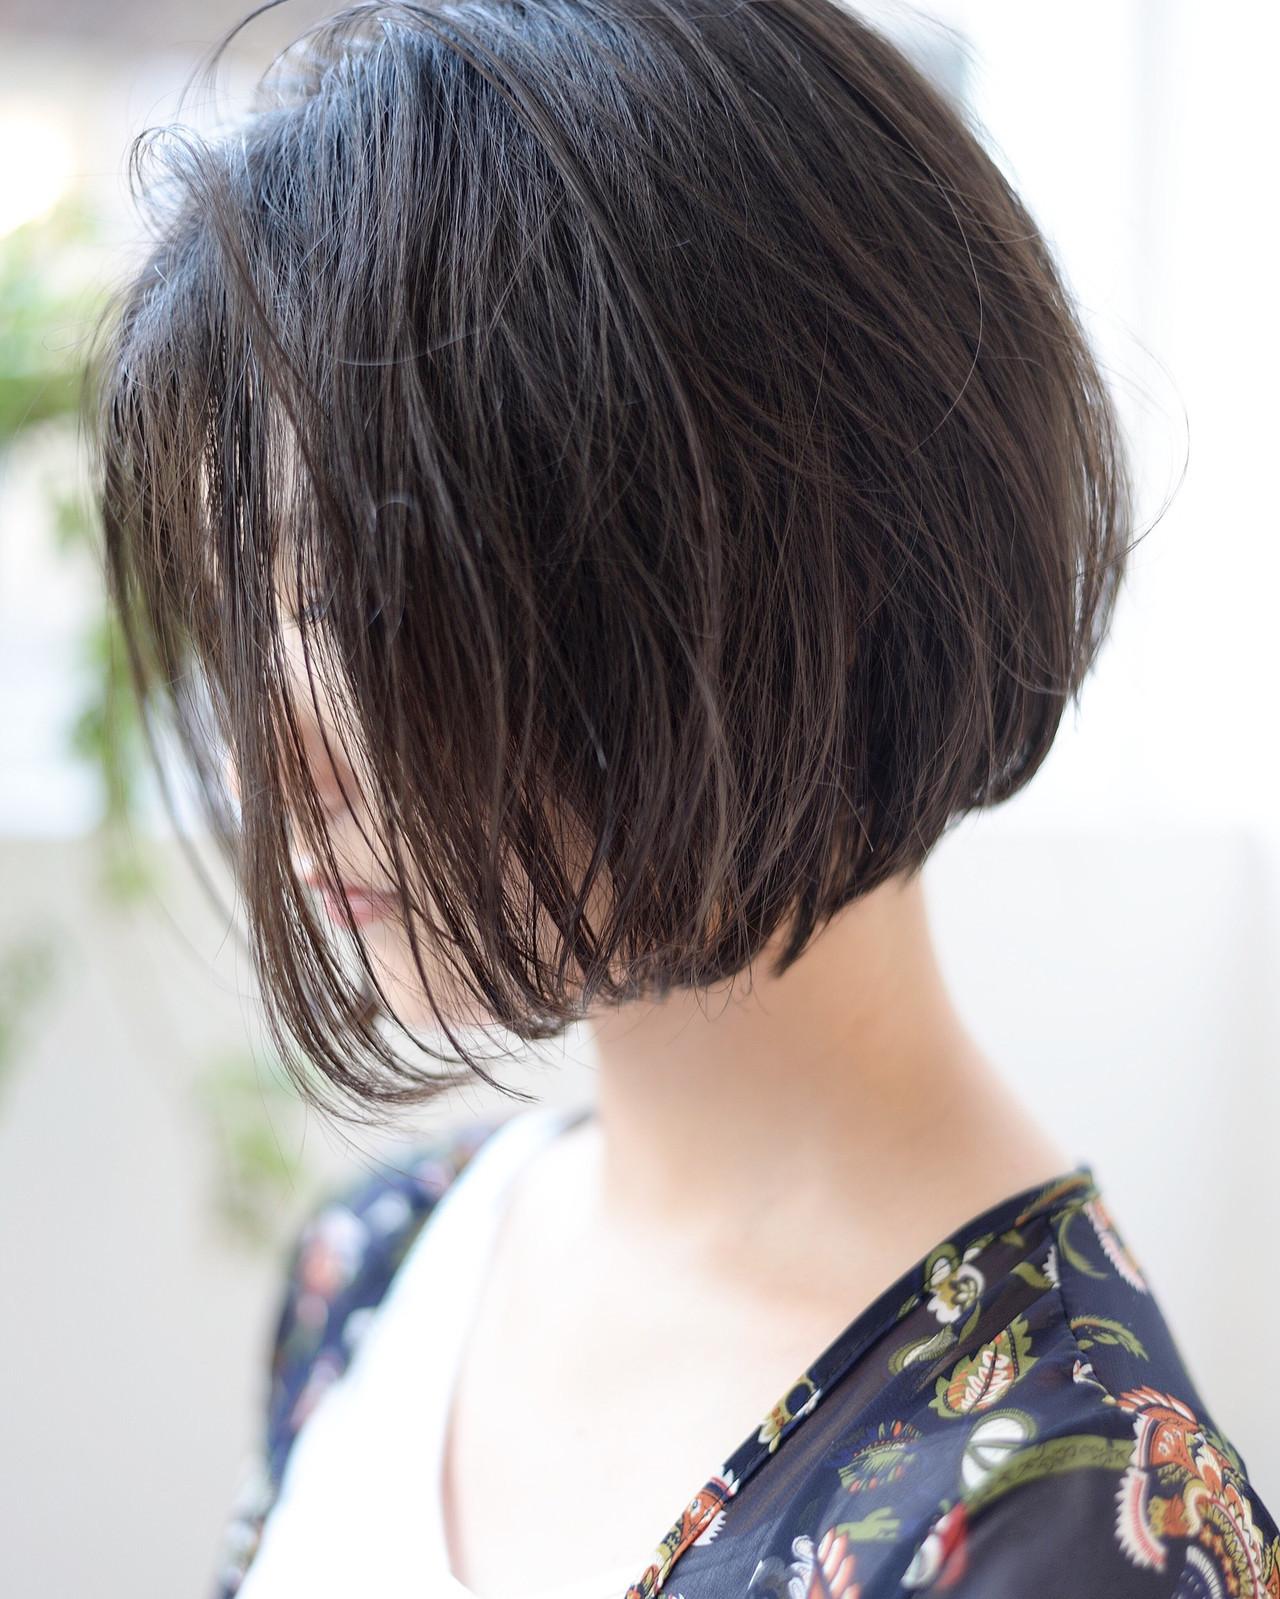 黒髪OKのアンニュイほつれボブヘア♡ 郡司 泰之 / butterfly青山